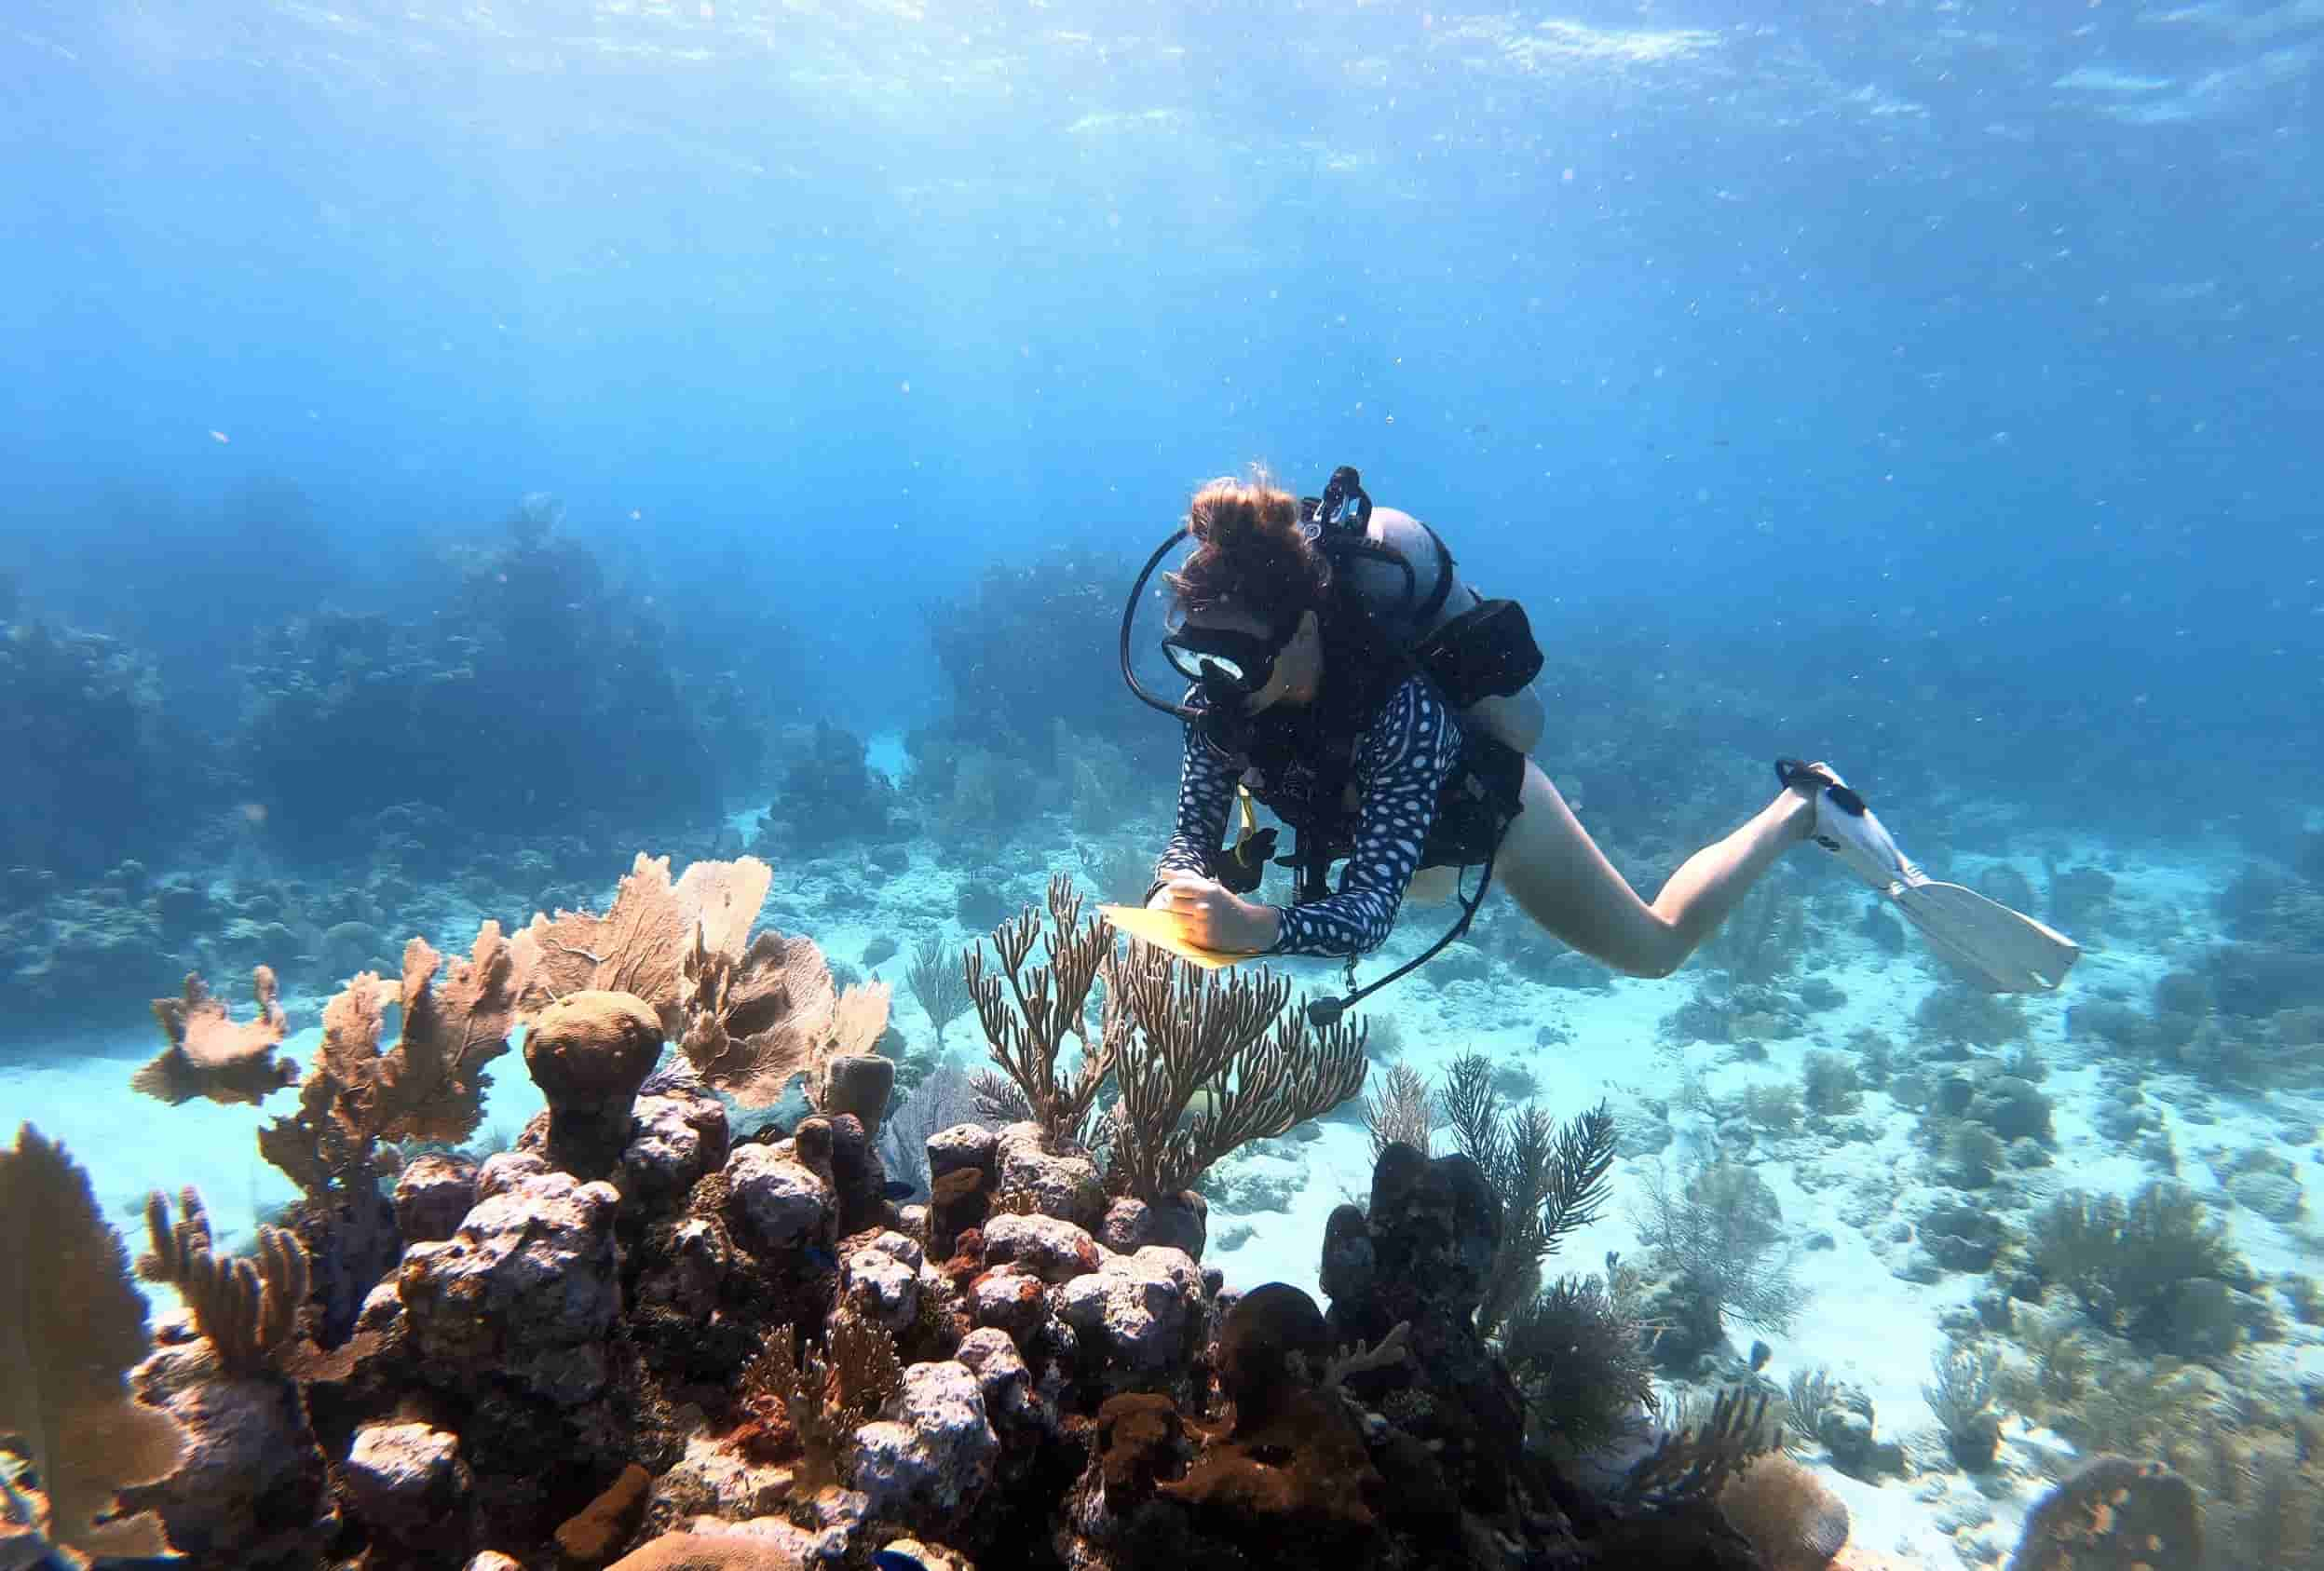 Women in ocean science female scientists marine sciences gender gap scientific careers STEM empowering